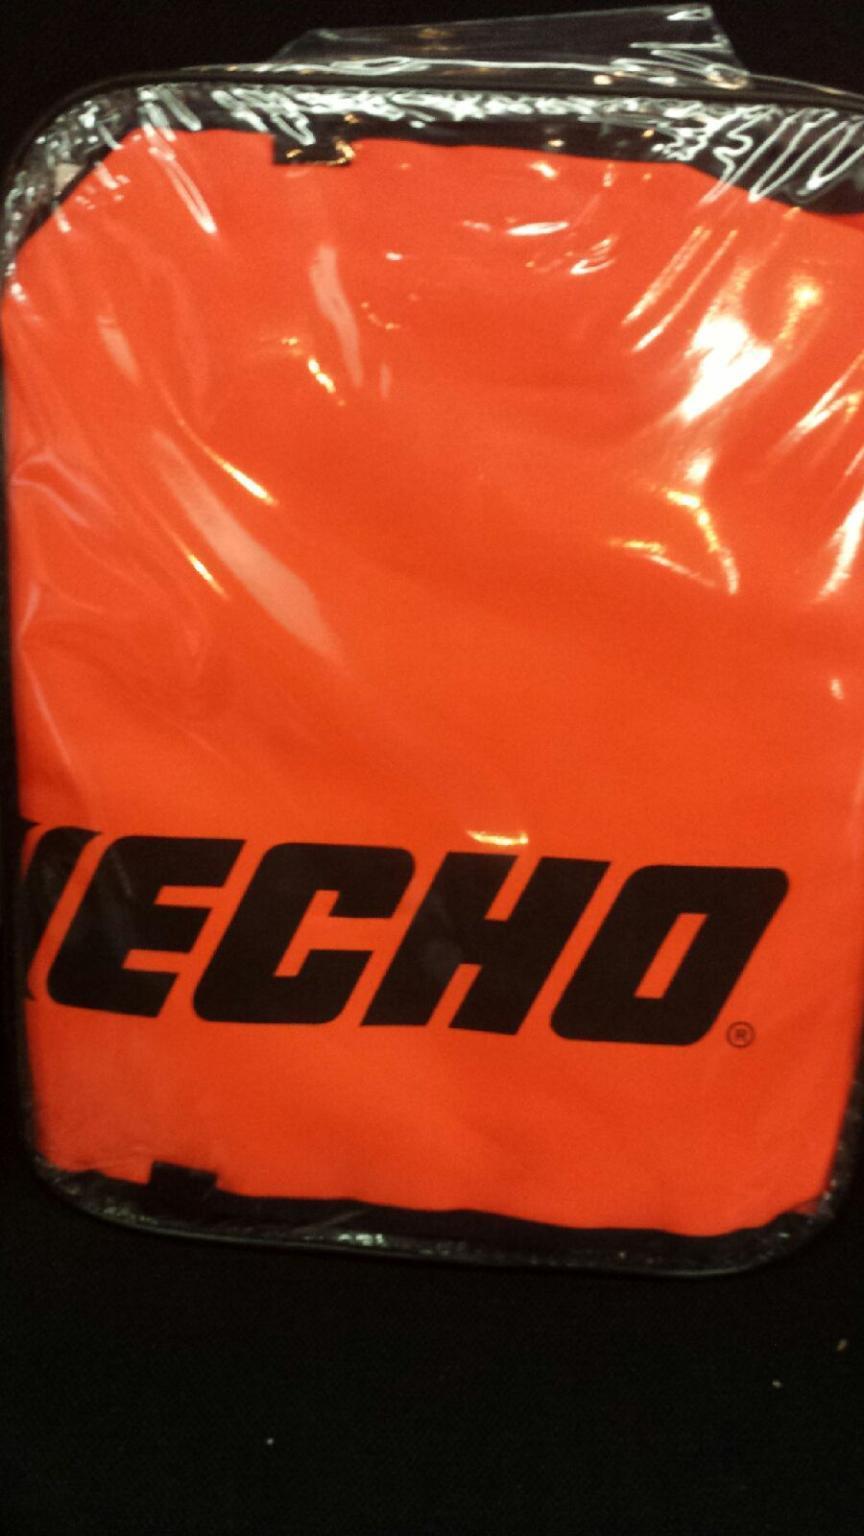 Pantalones De Seguridad Echo Motosierra Completo Envoltura Pantalones De Seguridad Motosierra Motosierra Chaps Chaps